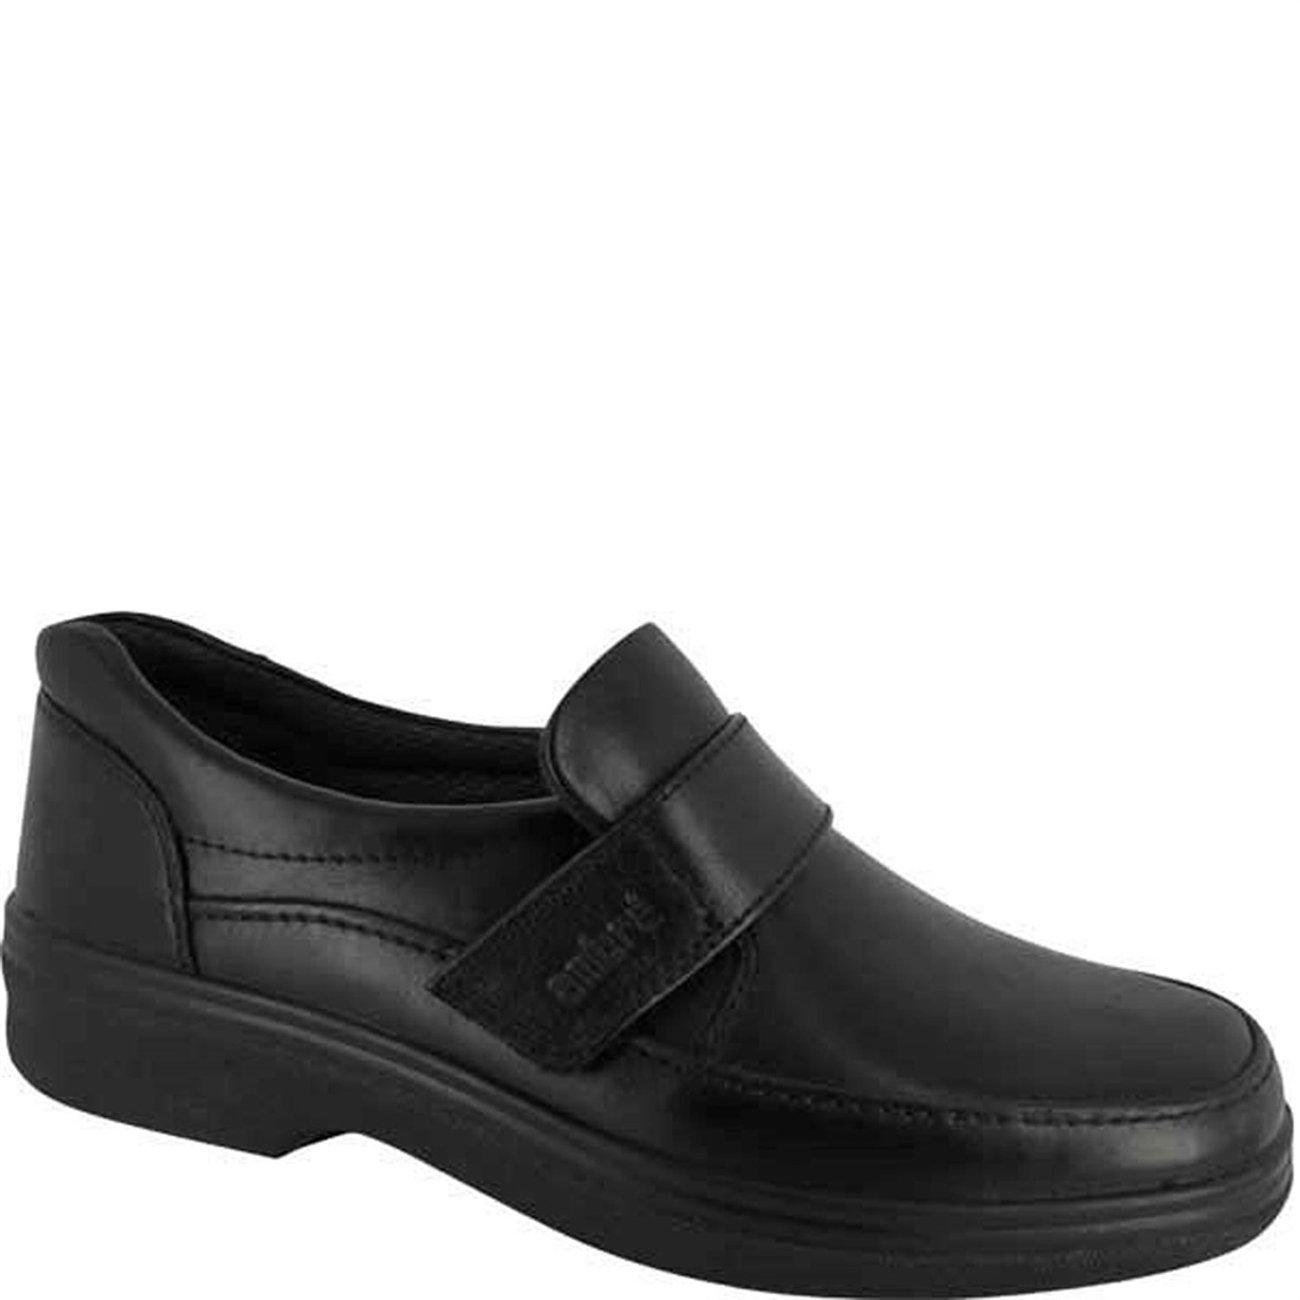 Ambre Velcro   Herren Classic Velcro Ambre Schuhe schwarz schwarz c1e353